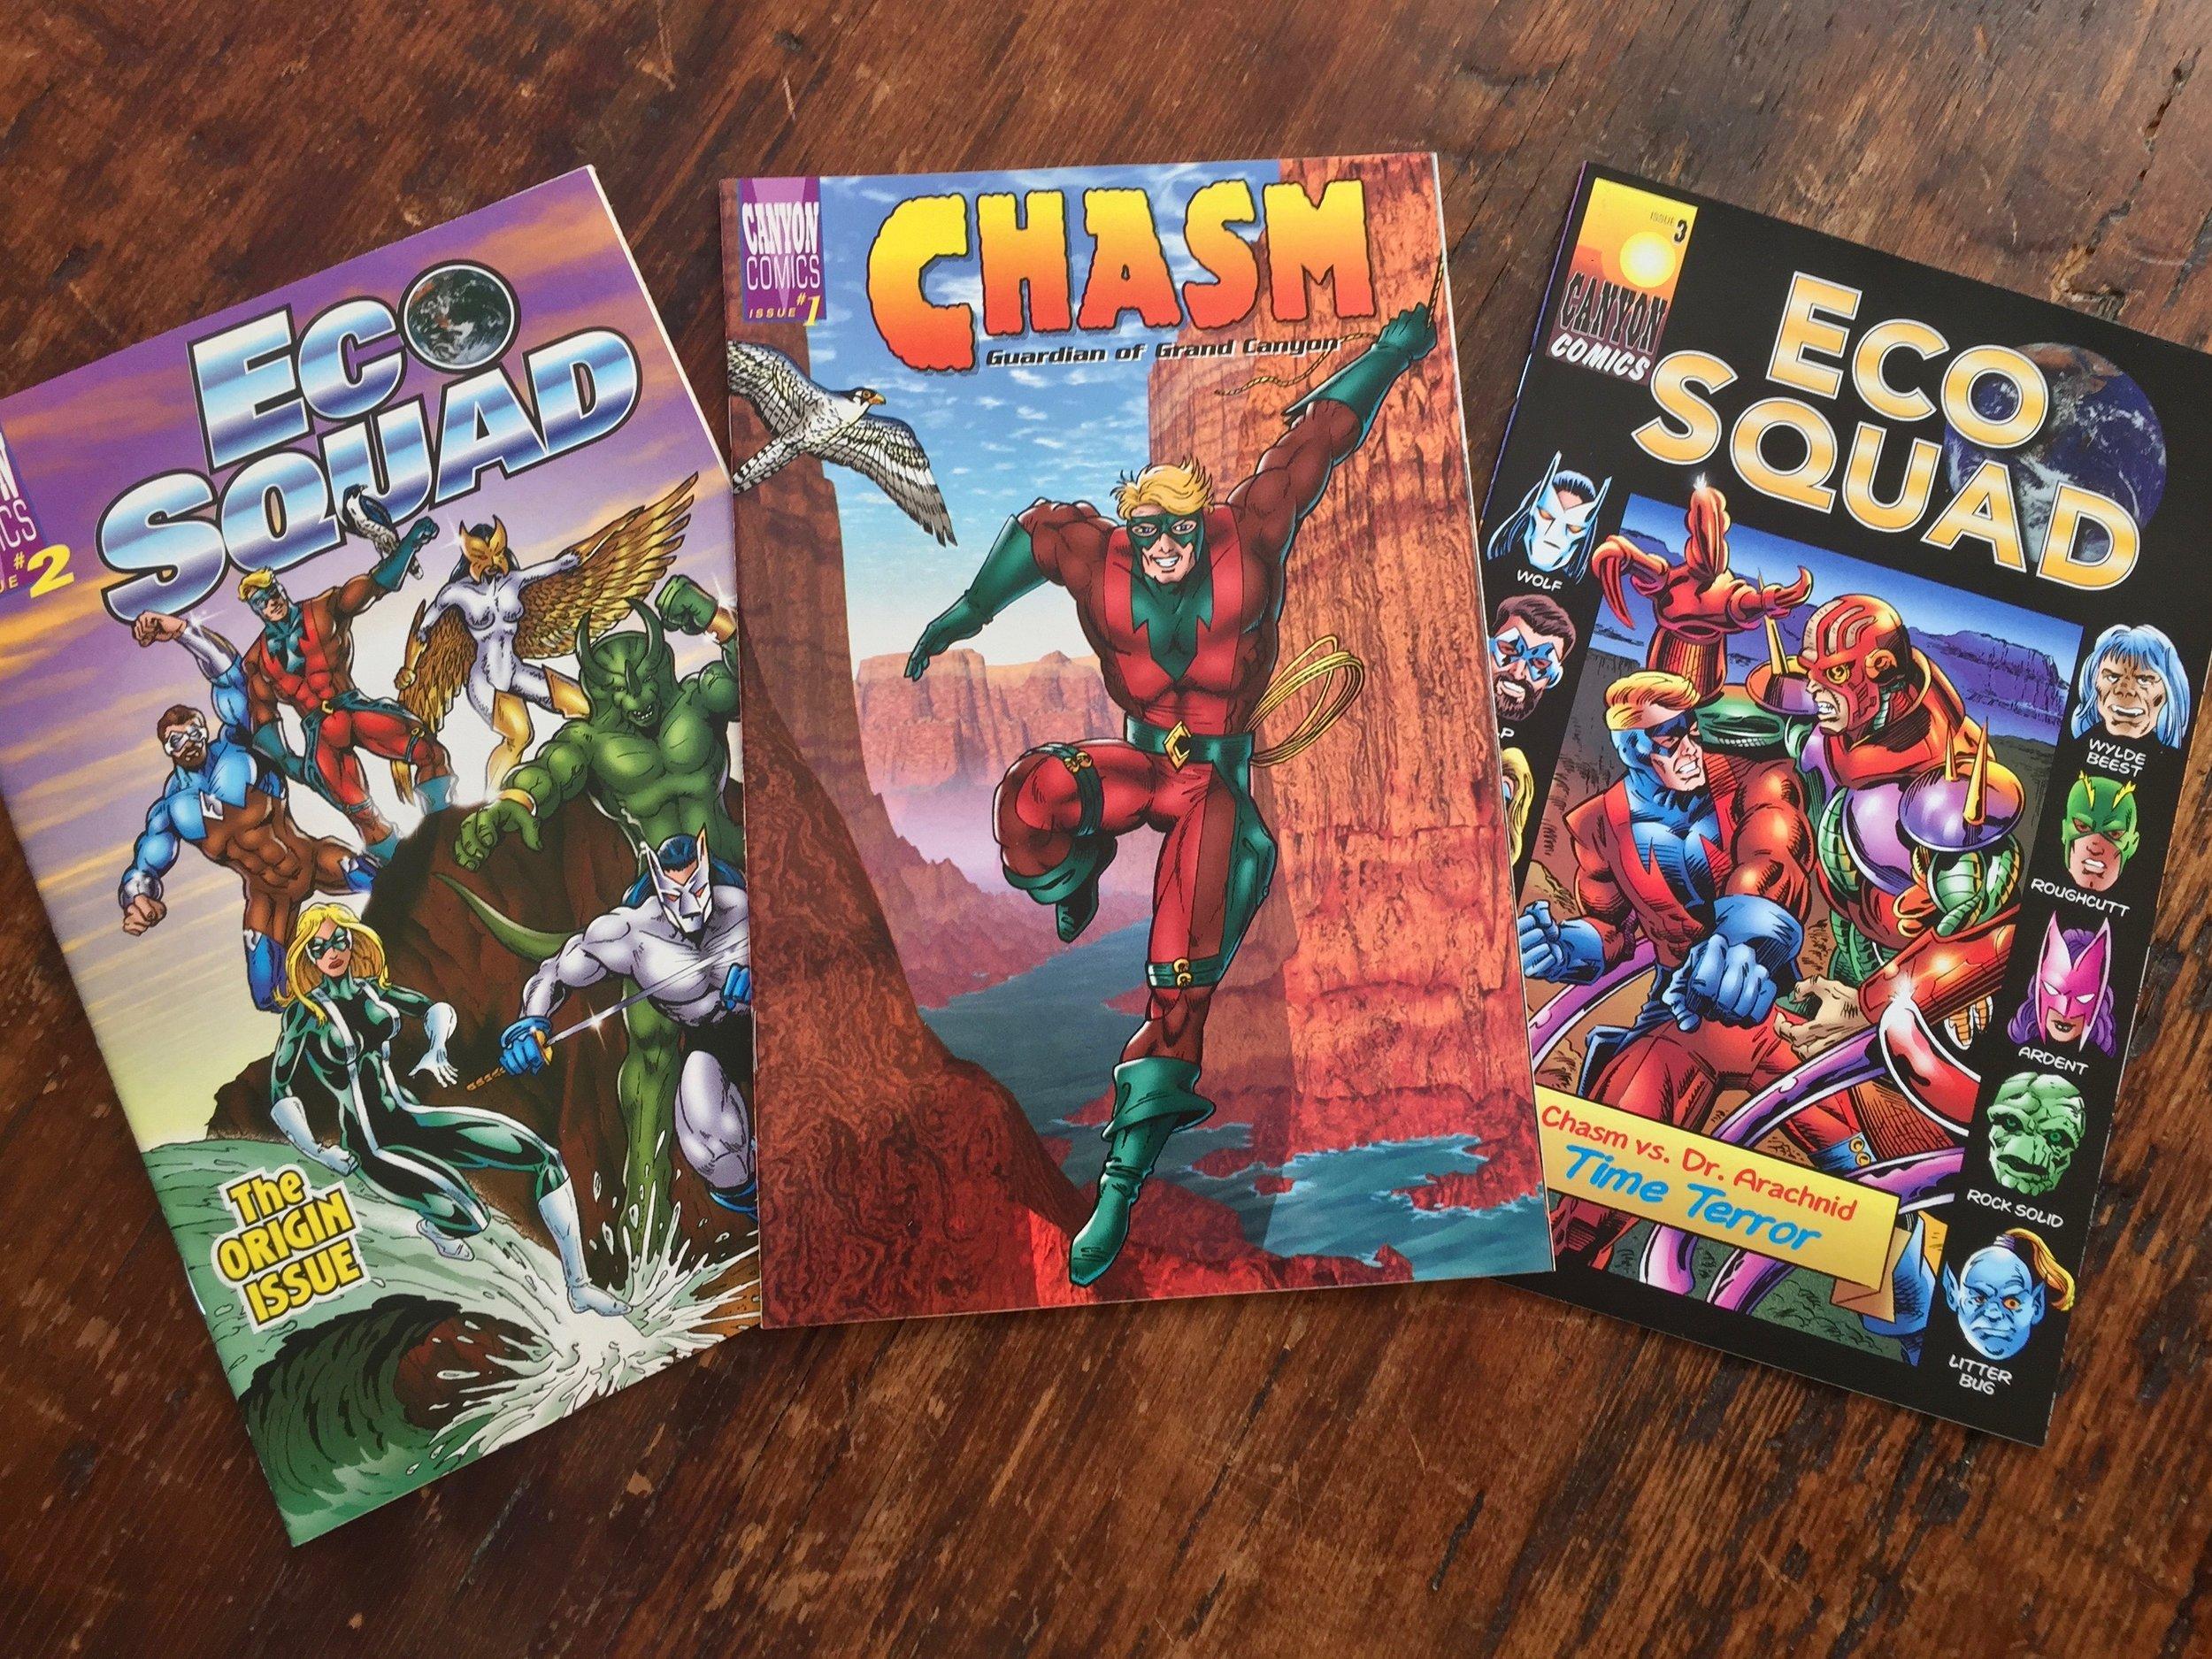 Grand Canyon Comics